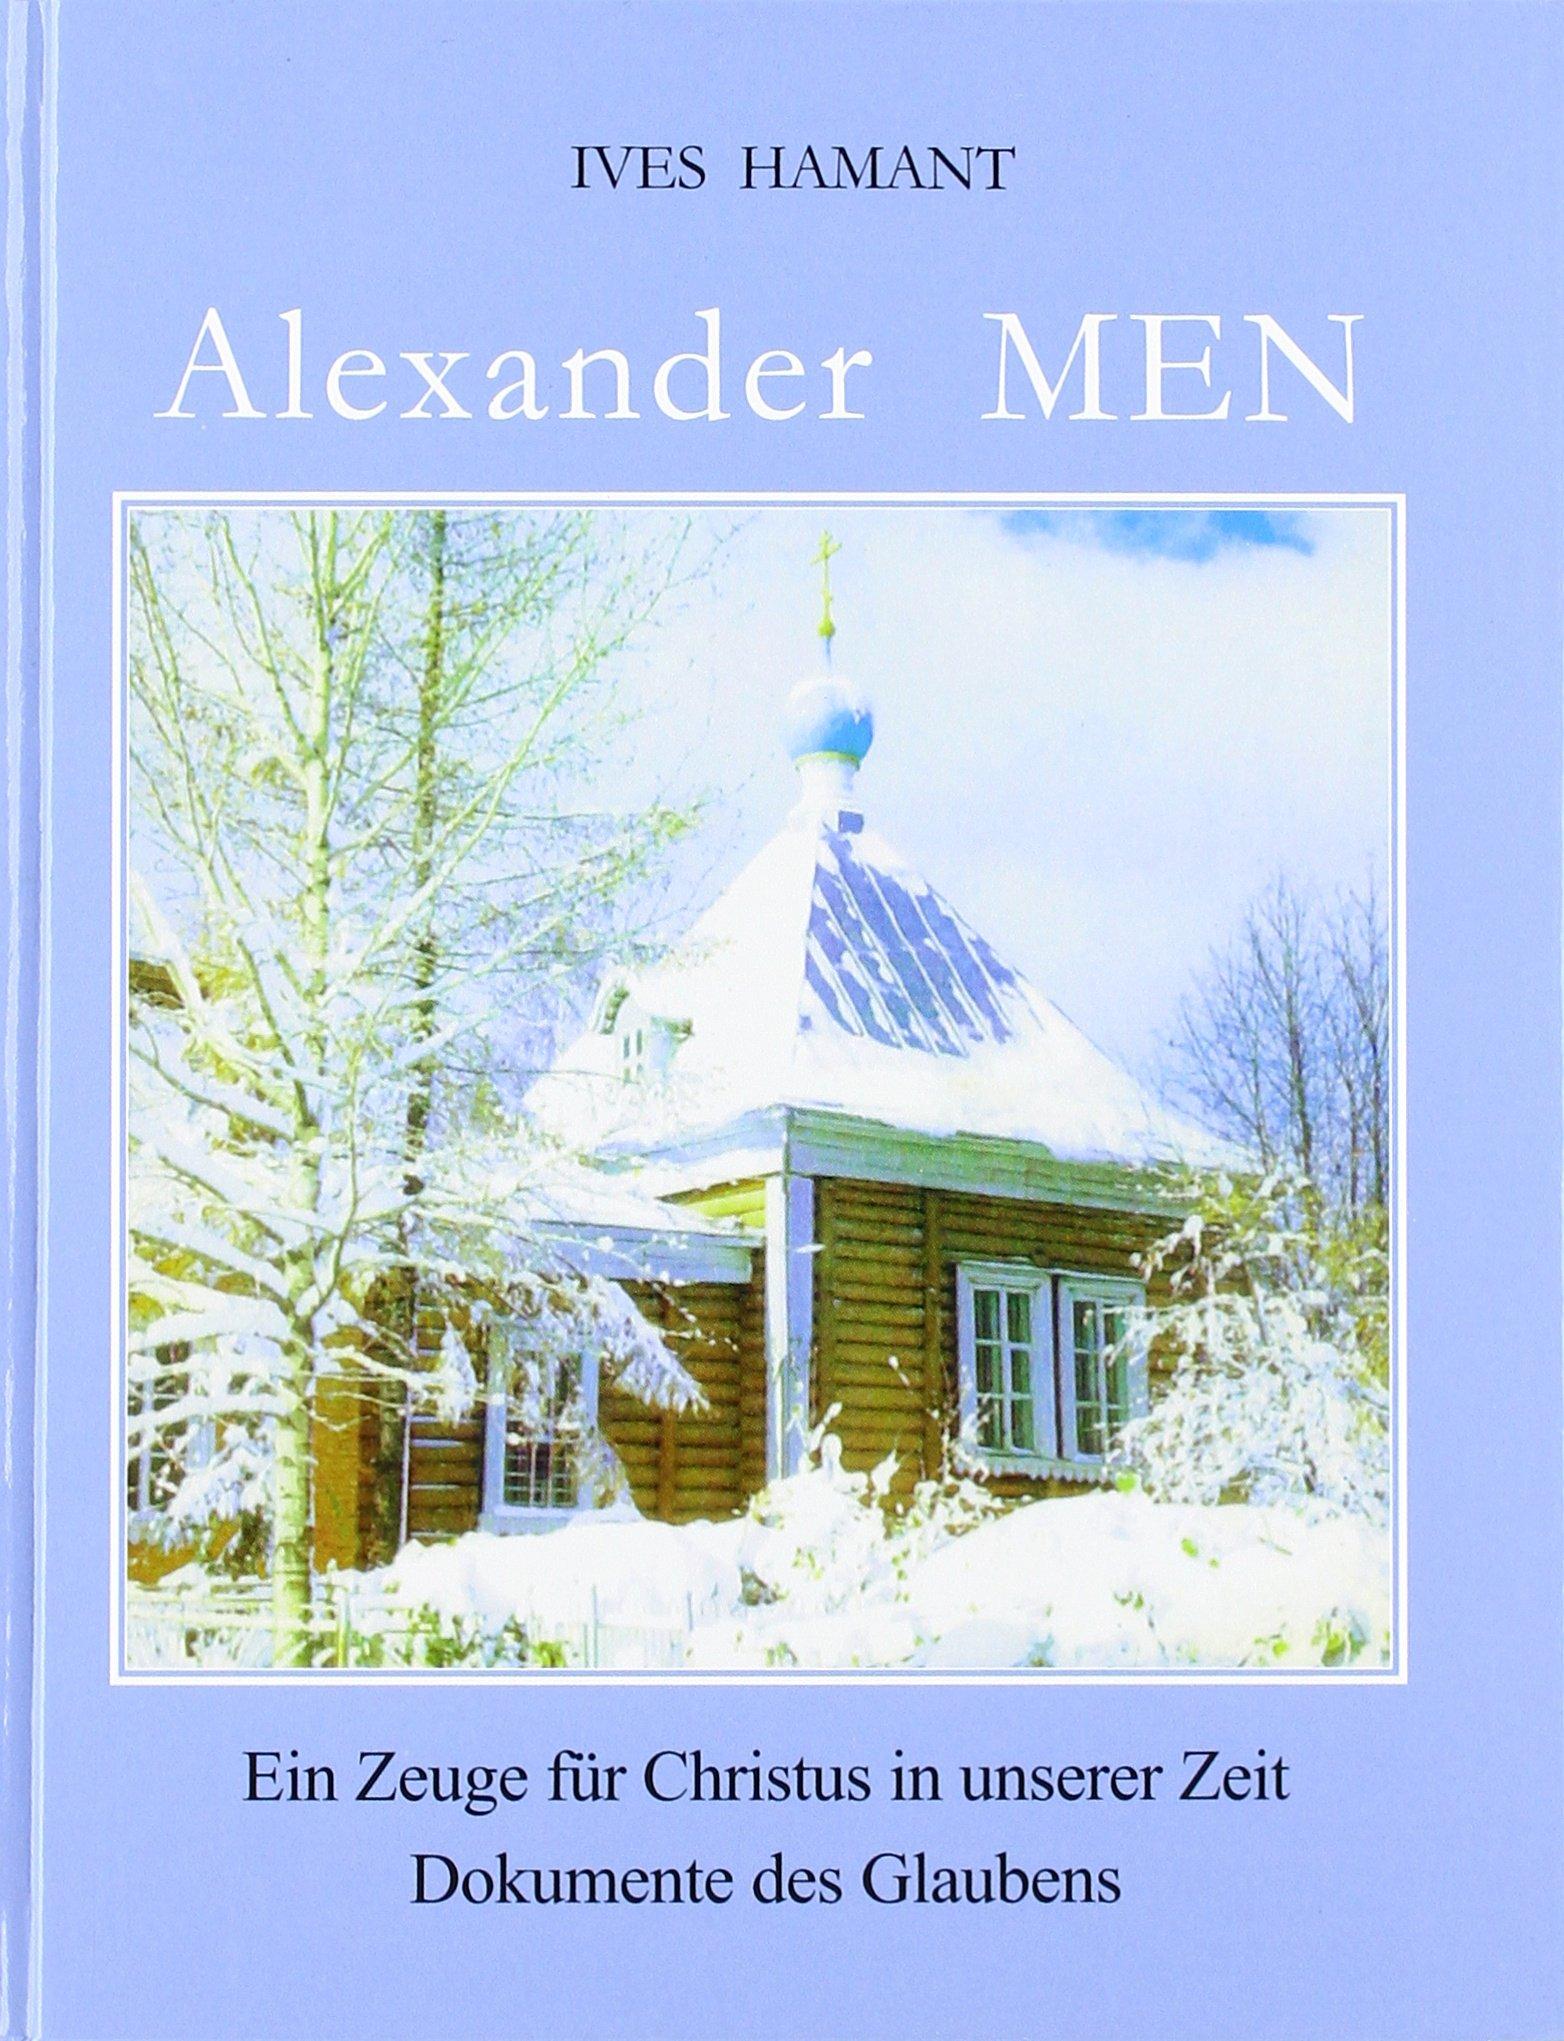 Alexander Men: Ein Zeuge für Christus in unserer Zeit. Dokumente des Glaubens